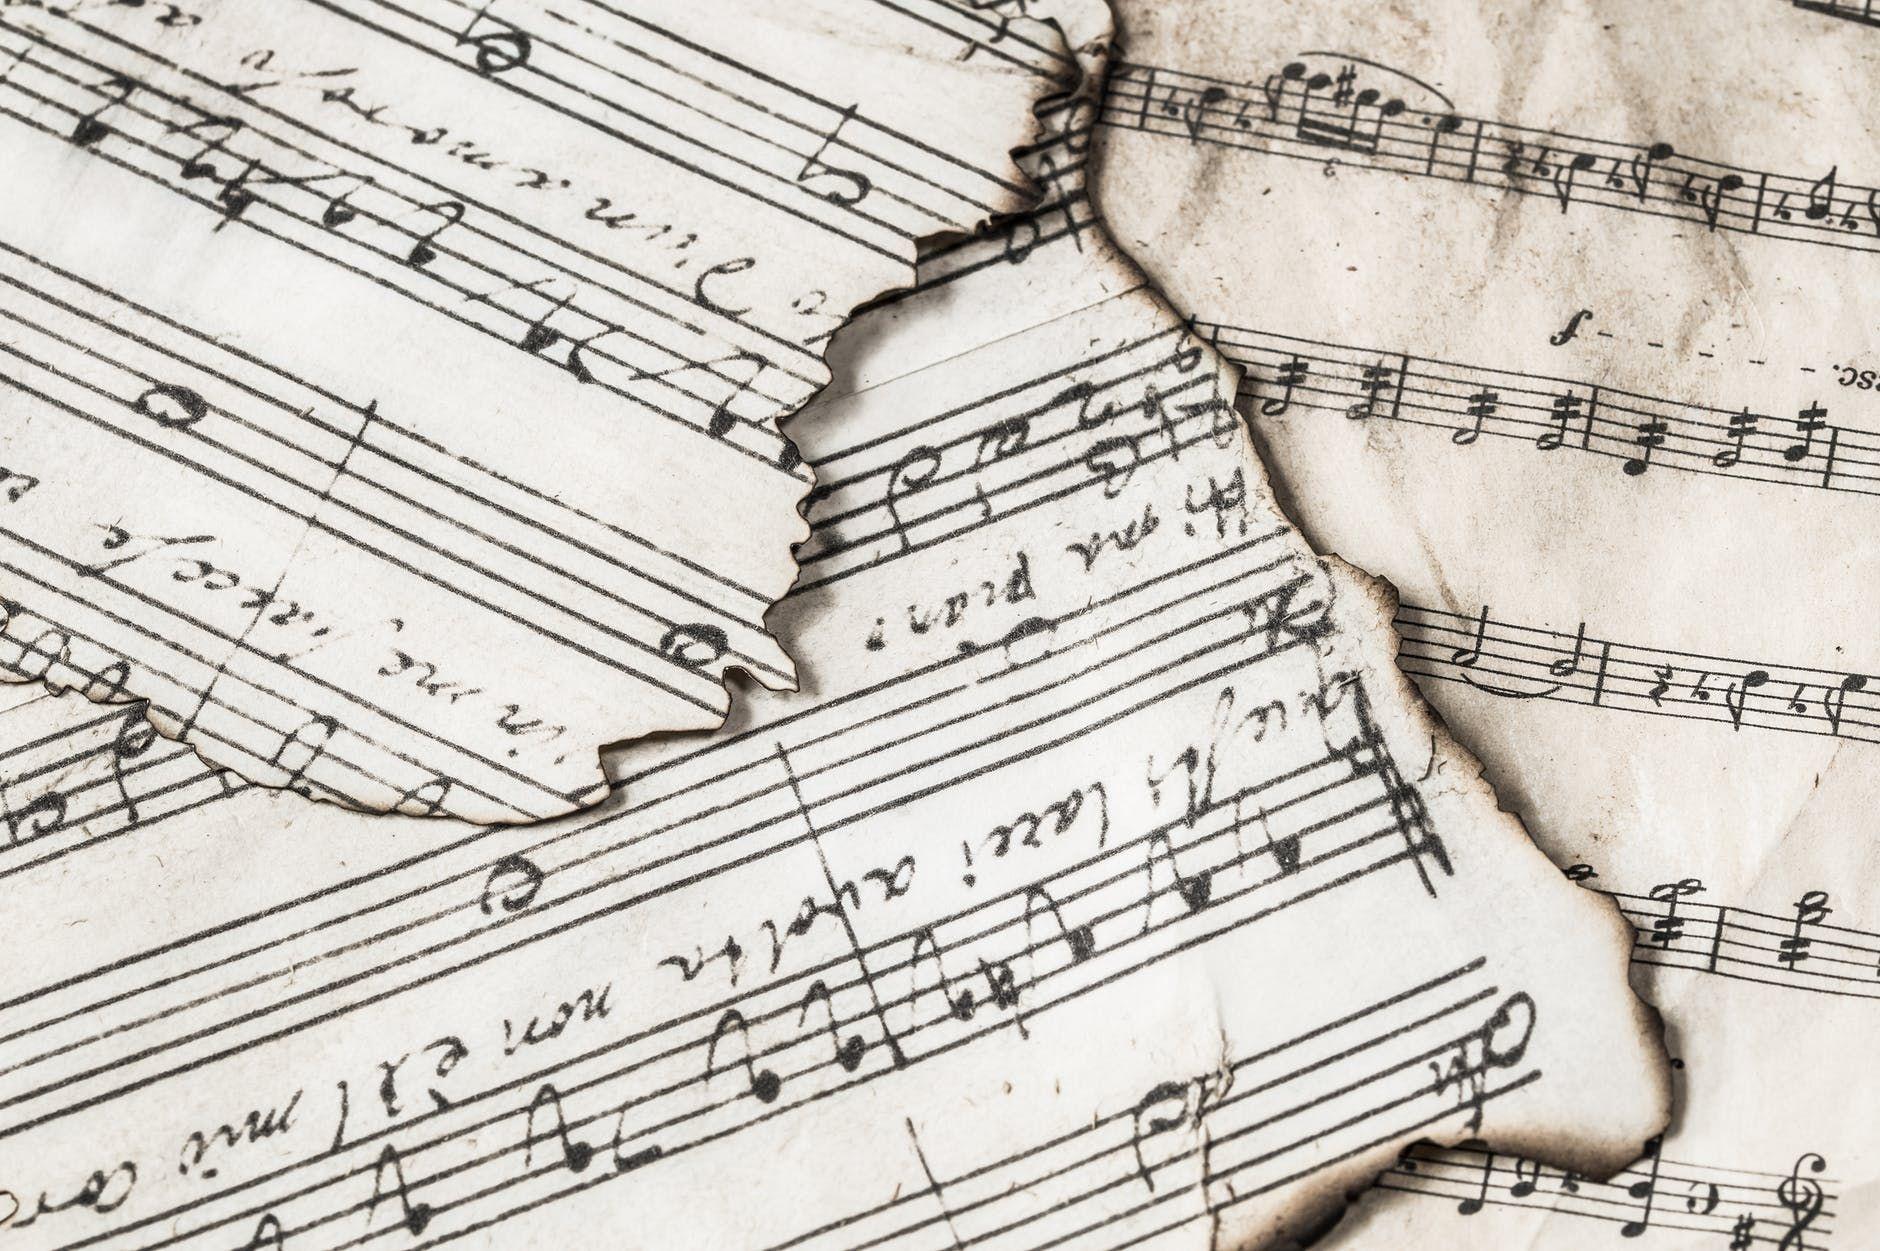 Música que não é registrada, vira sucata